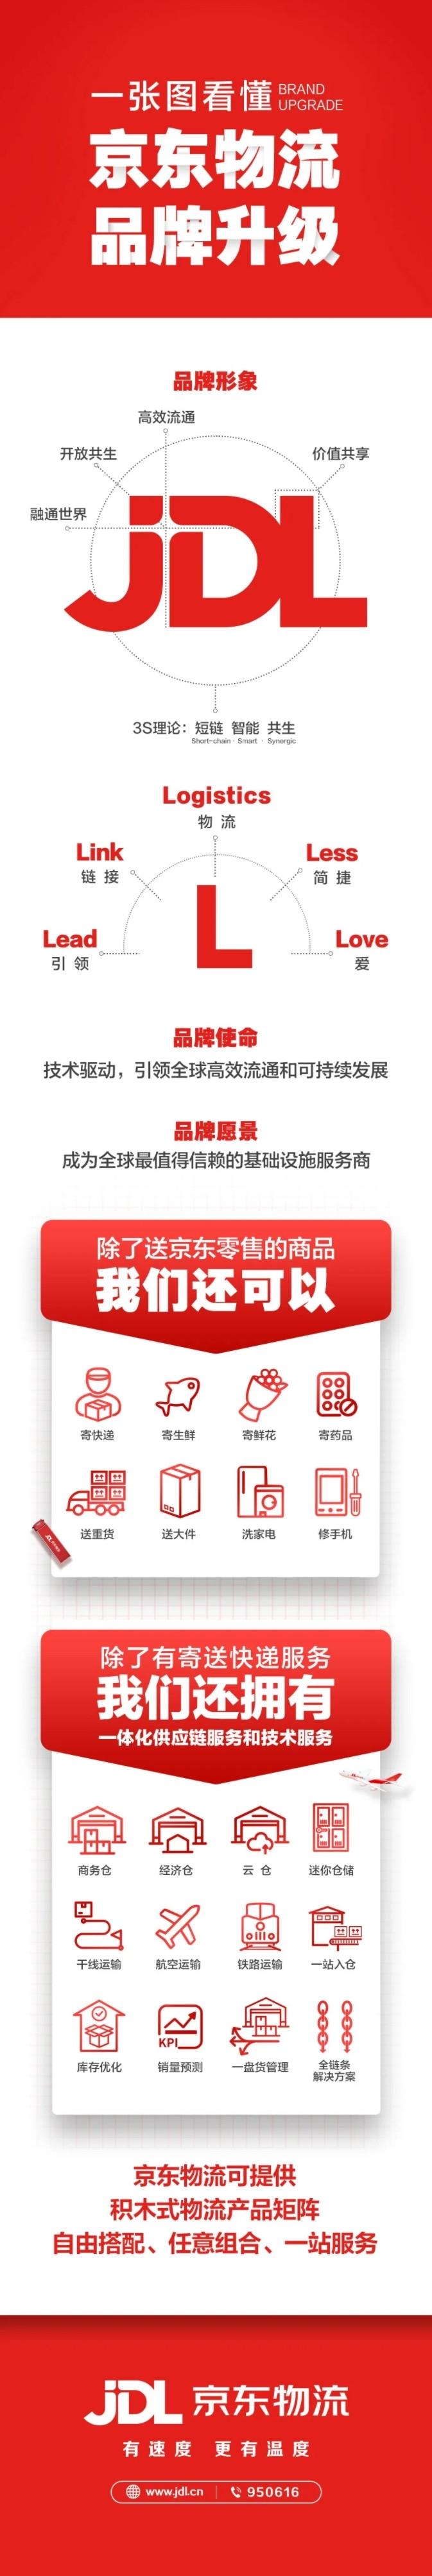 京东物流重大升级:全新Logo公布 以后更方便了的照片 - 2